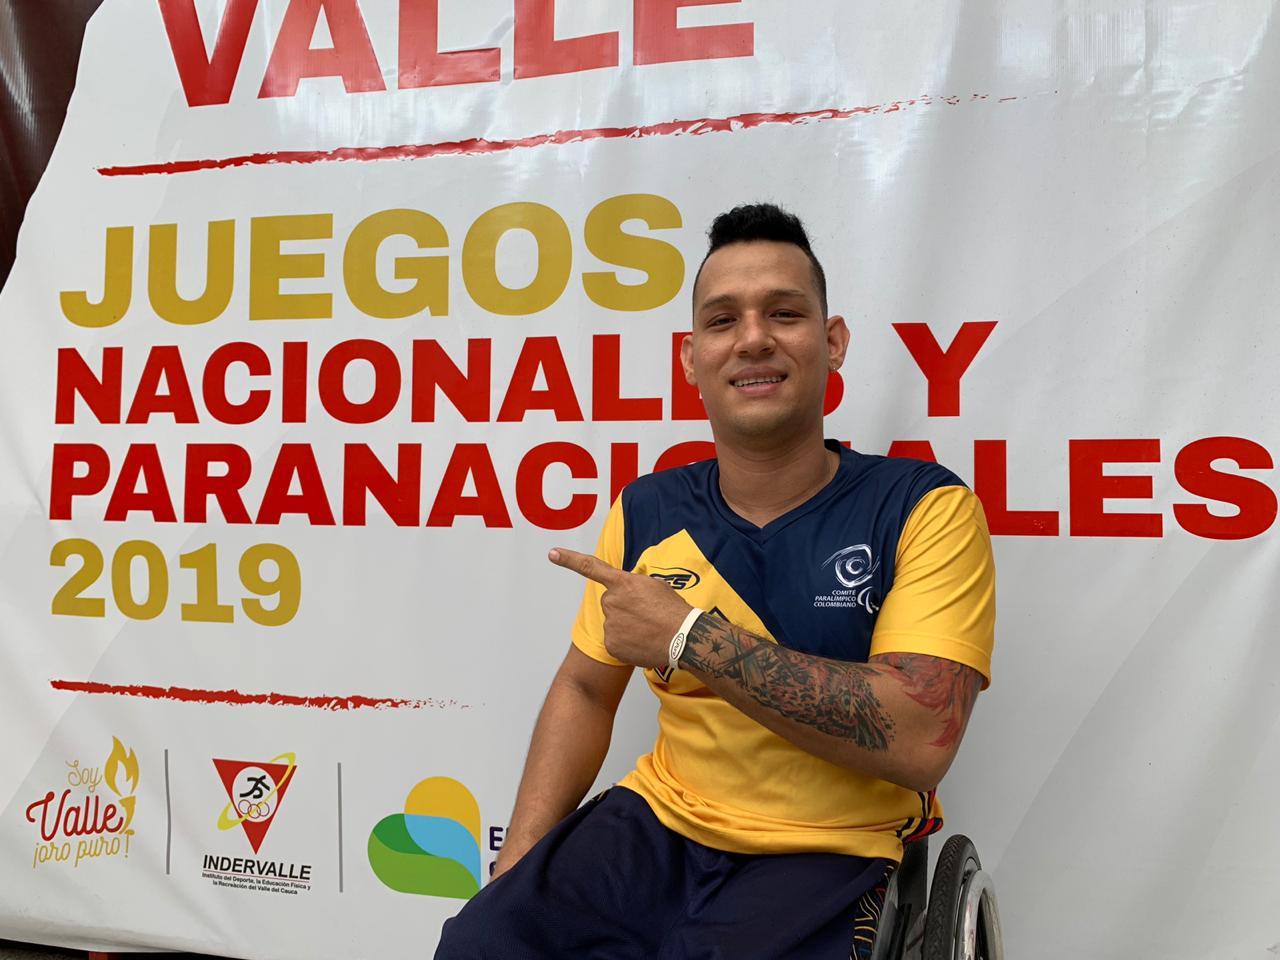 Con su experiencia y efectivas cestas, Andrés Flórez llega por la de oro en los Paranacionales 2019